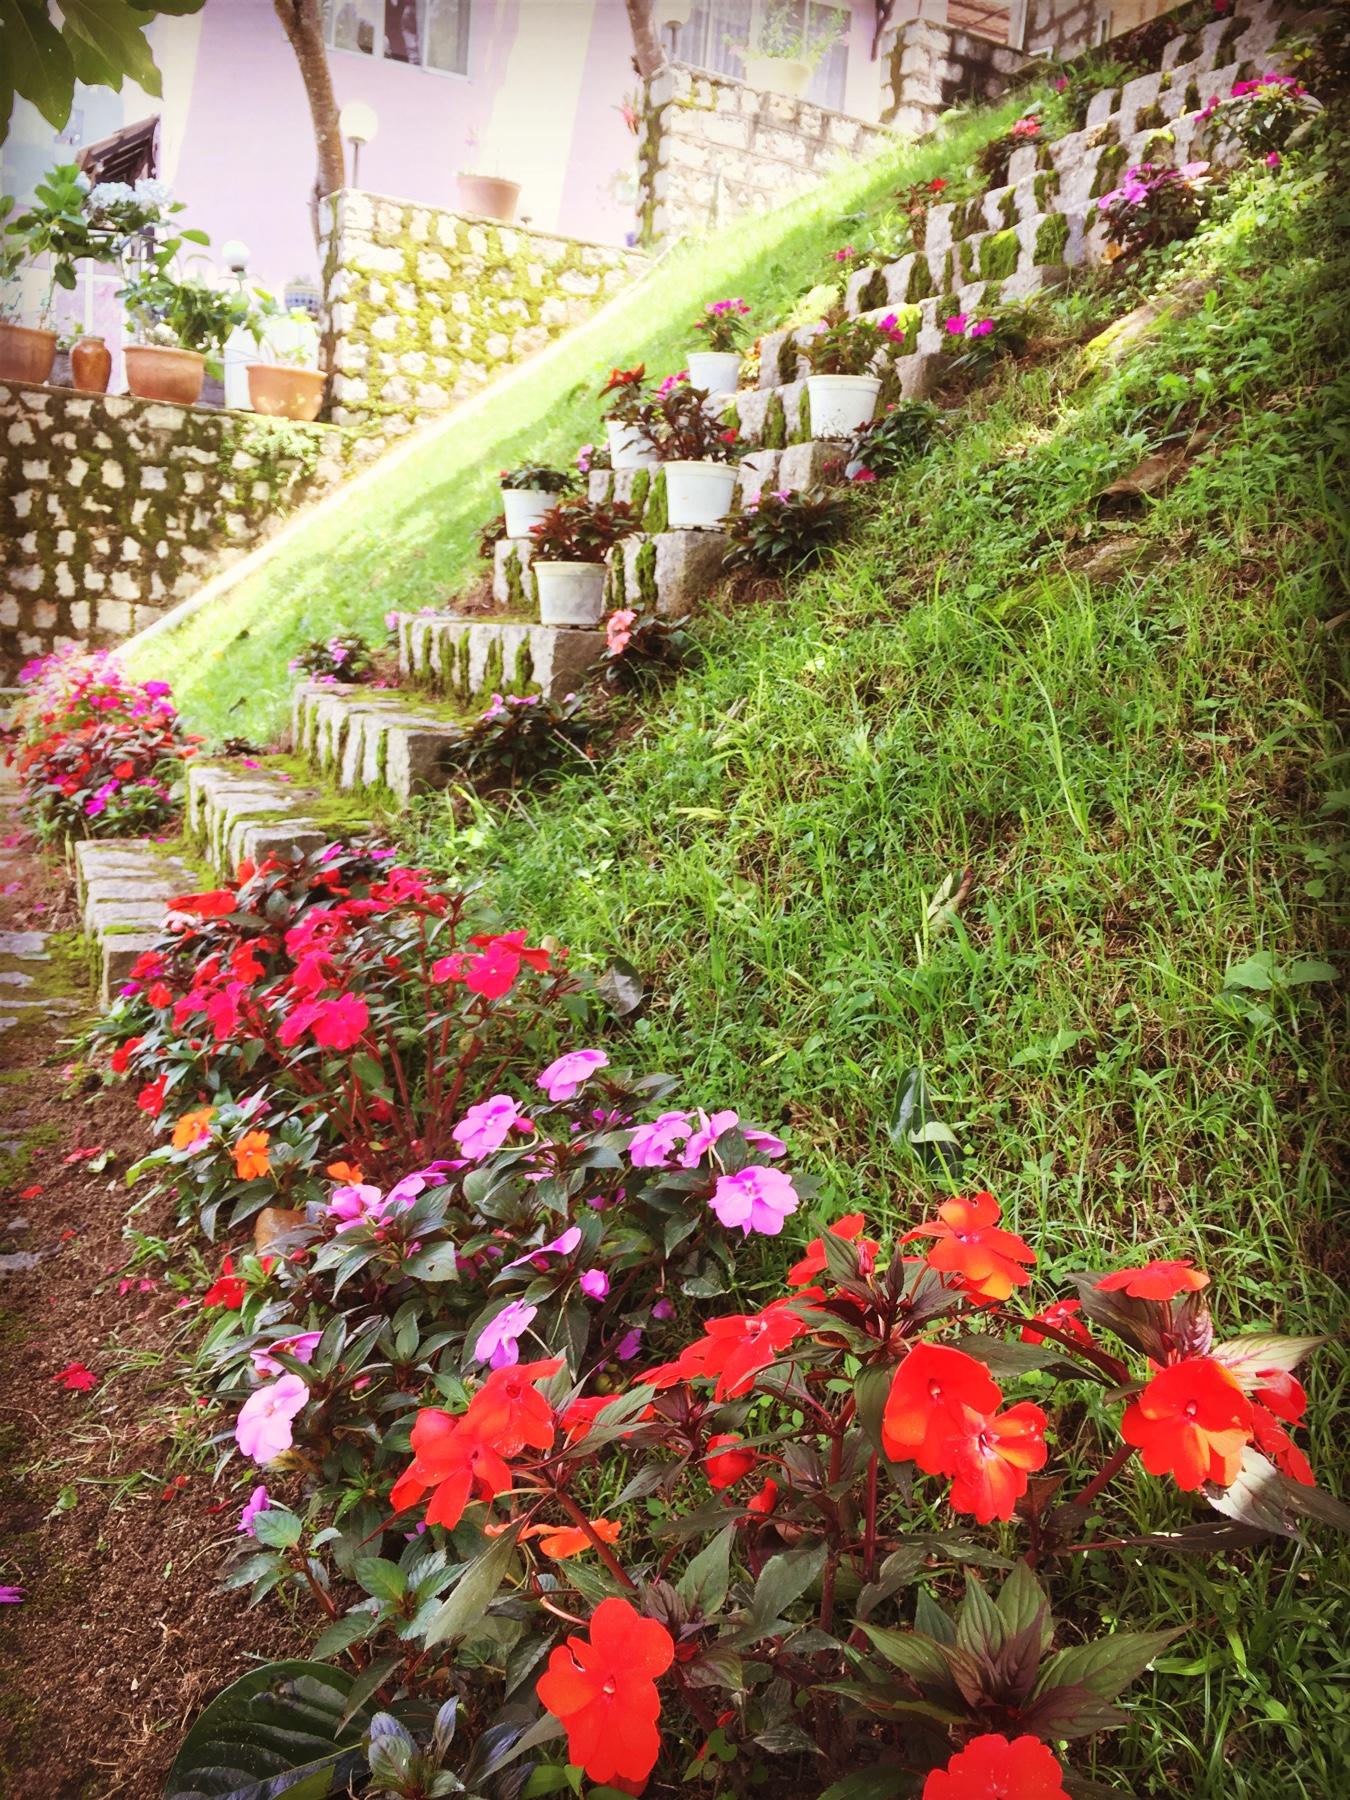 Hoa mười giờ dùng để trang trí rất đẹp